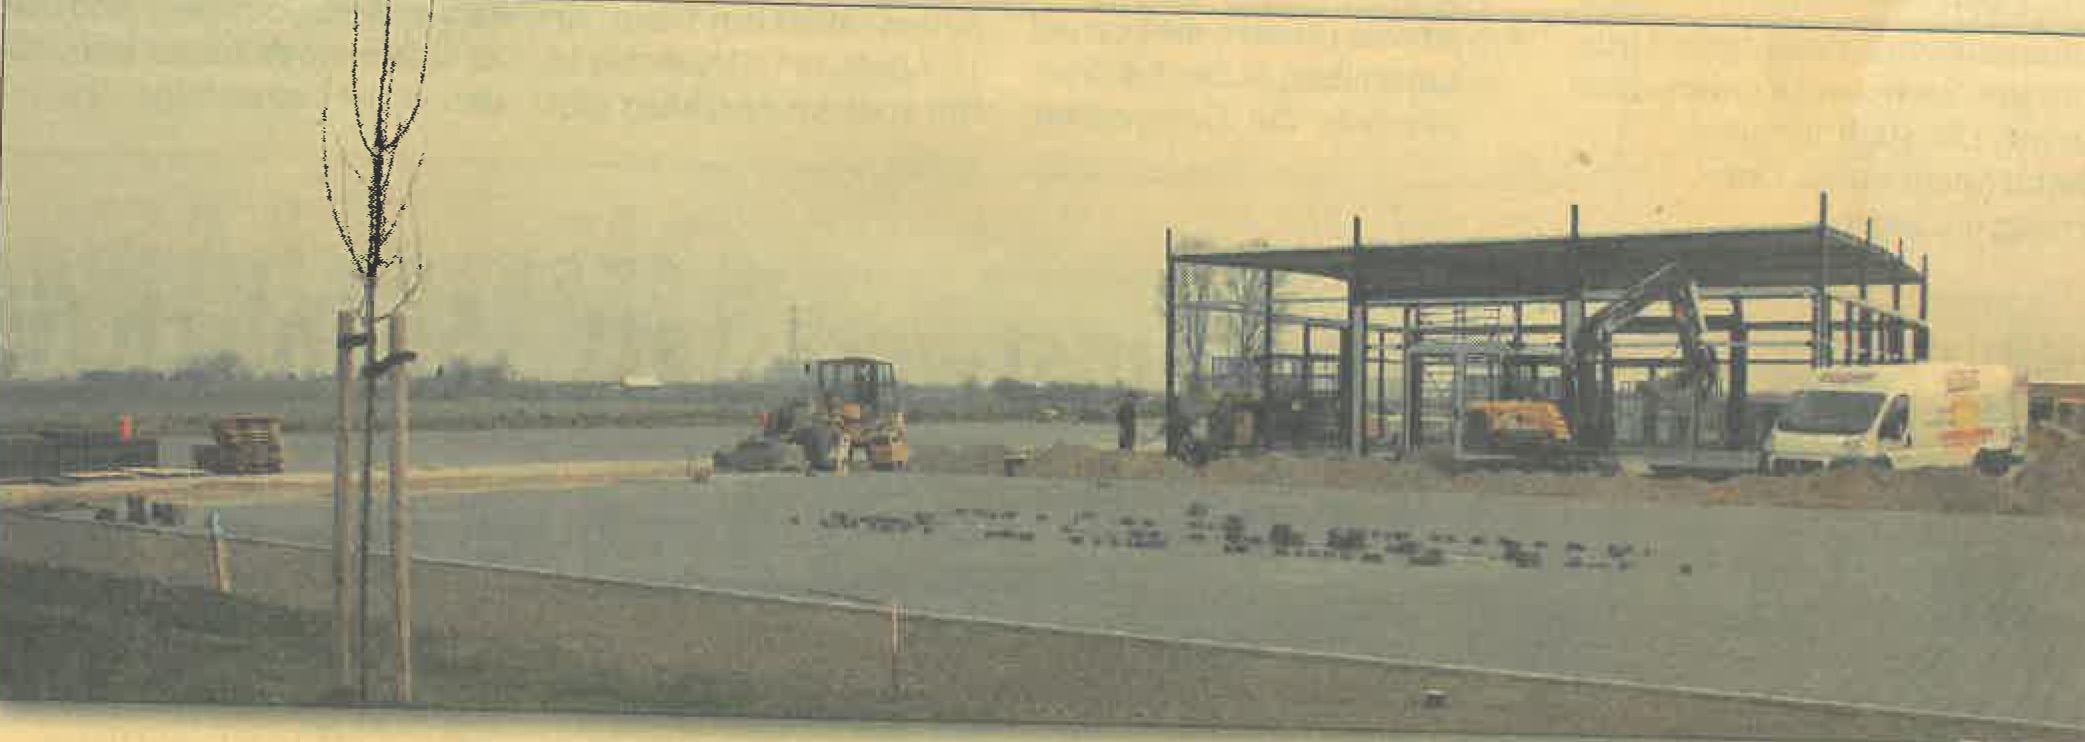 Neues Autohaus wird im Juni fertig gestellt